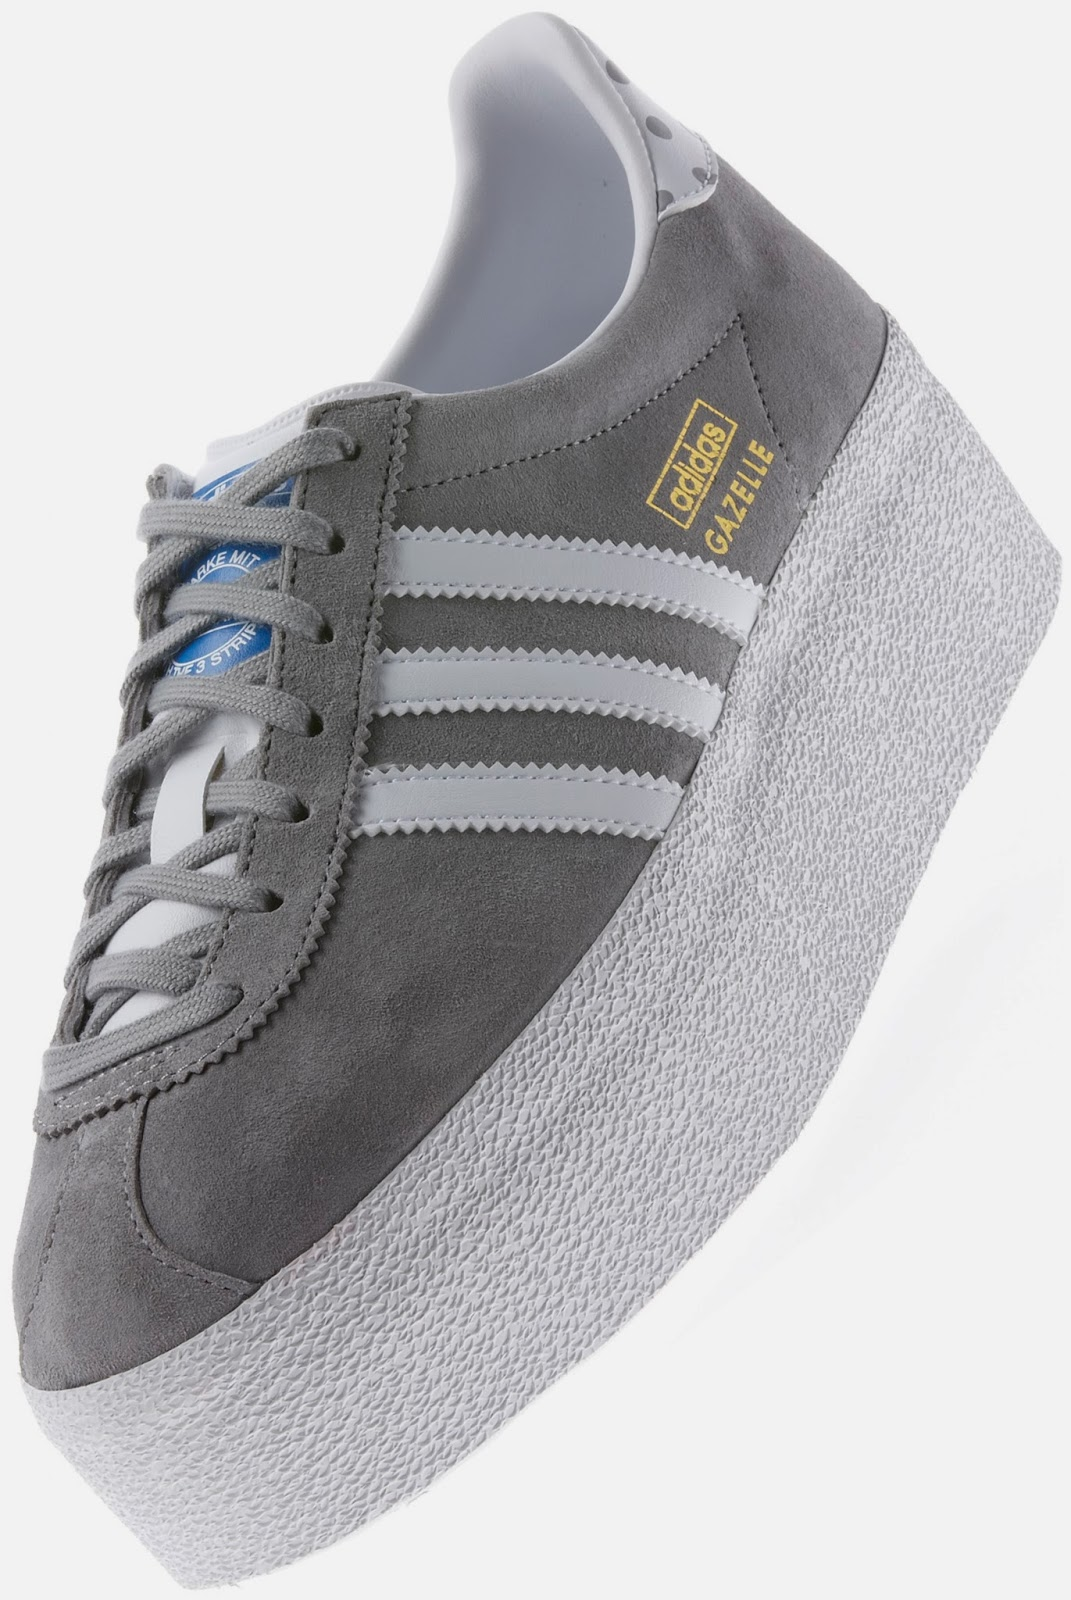 78a83ec91f2 Agora foi a Adidas que pegou em alguns modelos clássicos da marca (como os  Stan Smith ou os Gazelle) e lhes acrescentou uns centímetros de sola. Ora  vejam